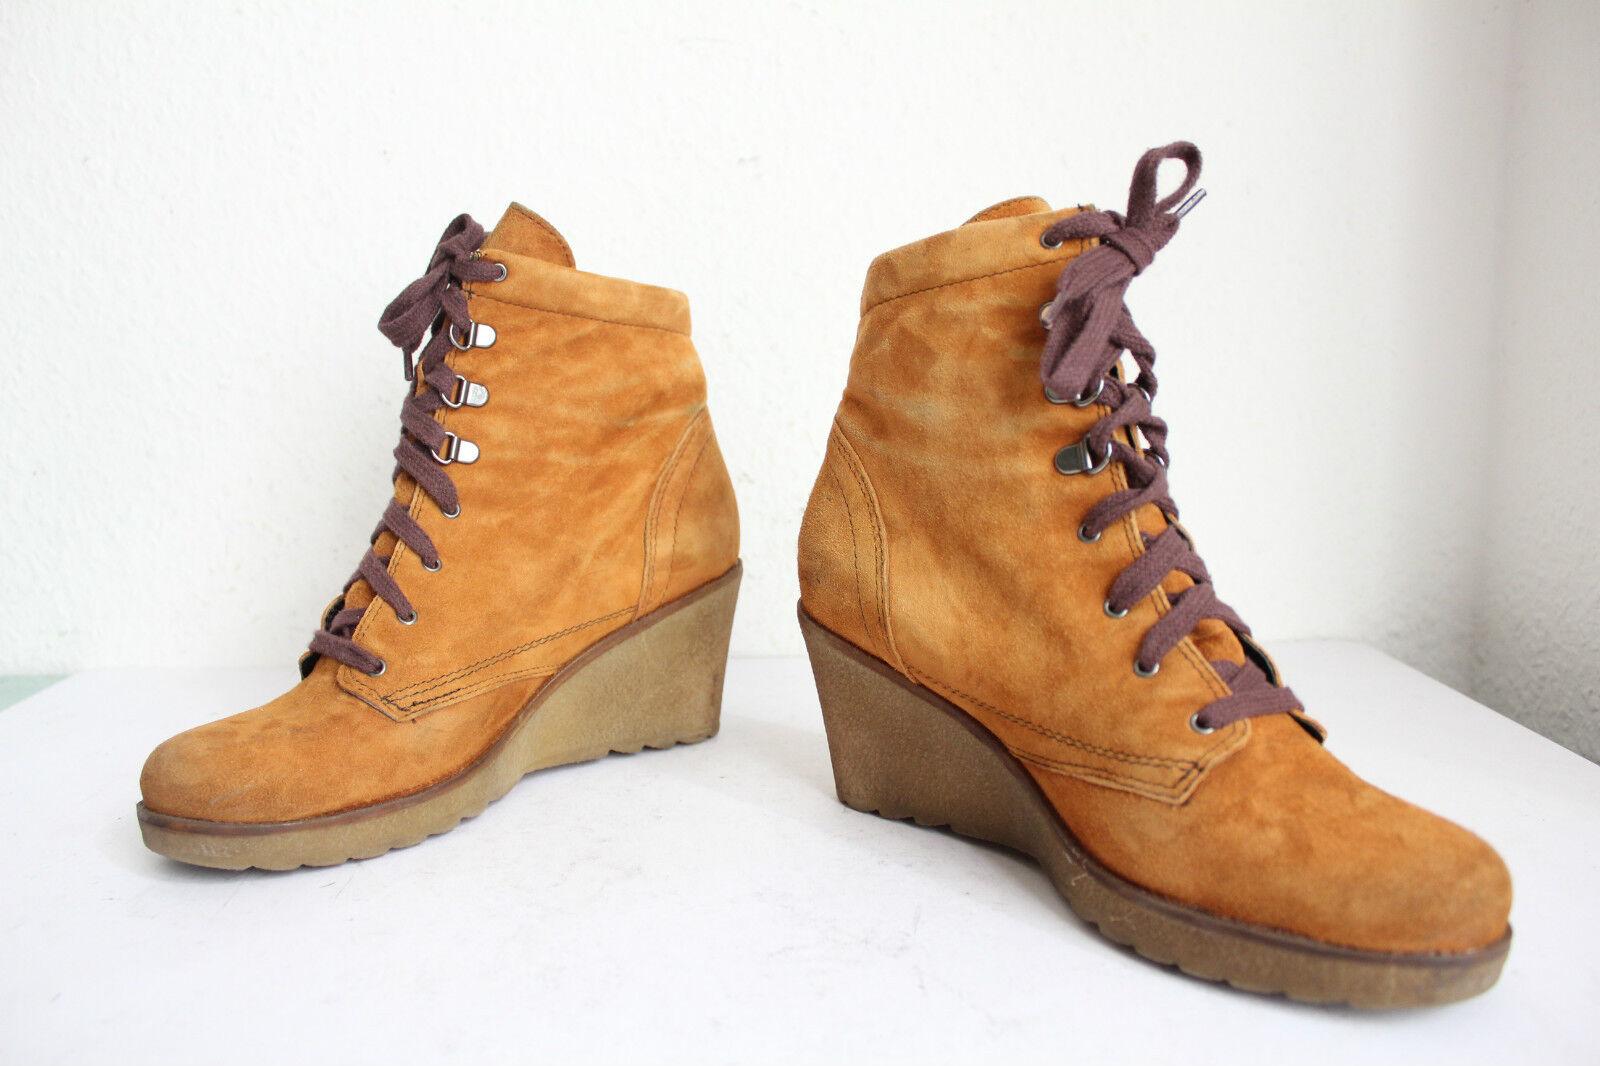 Mark Adam tacón de cuña botas schnürbotasetten nubukleder marrón tonos eu 39 --- 39,5